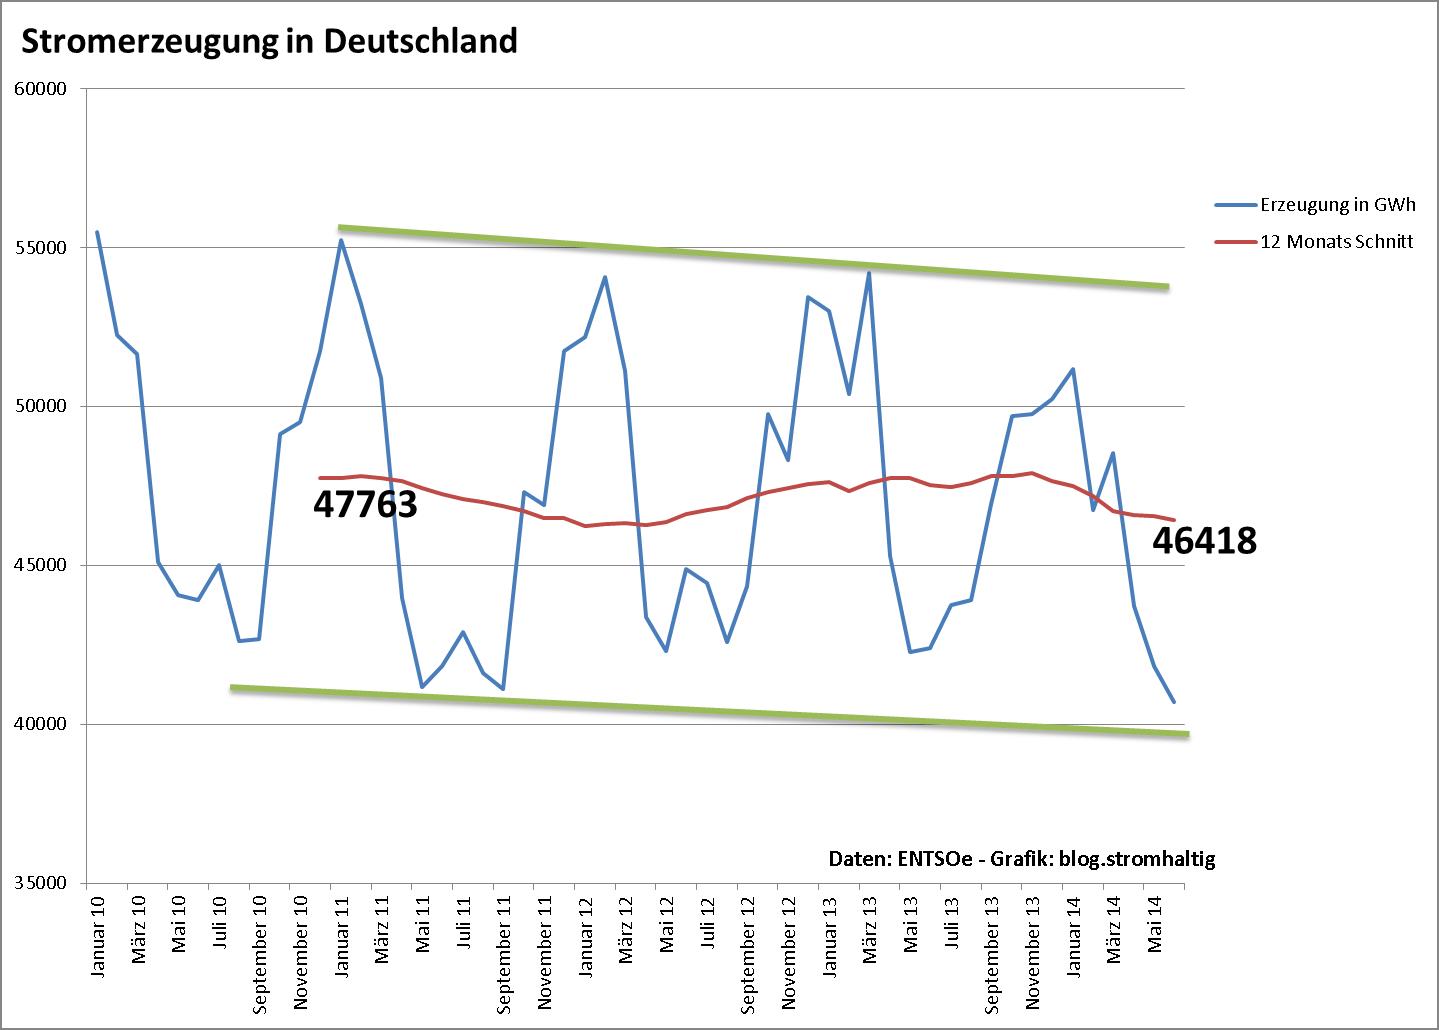 Stromerzeugung in Deutschland in GWh - 2010 bis 2014